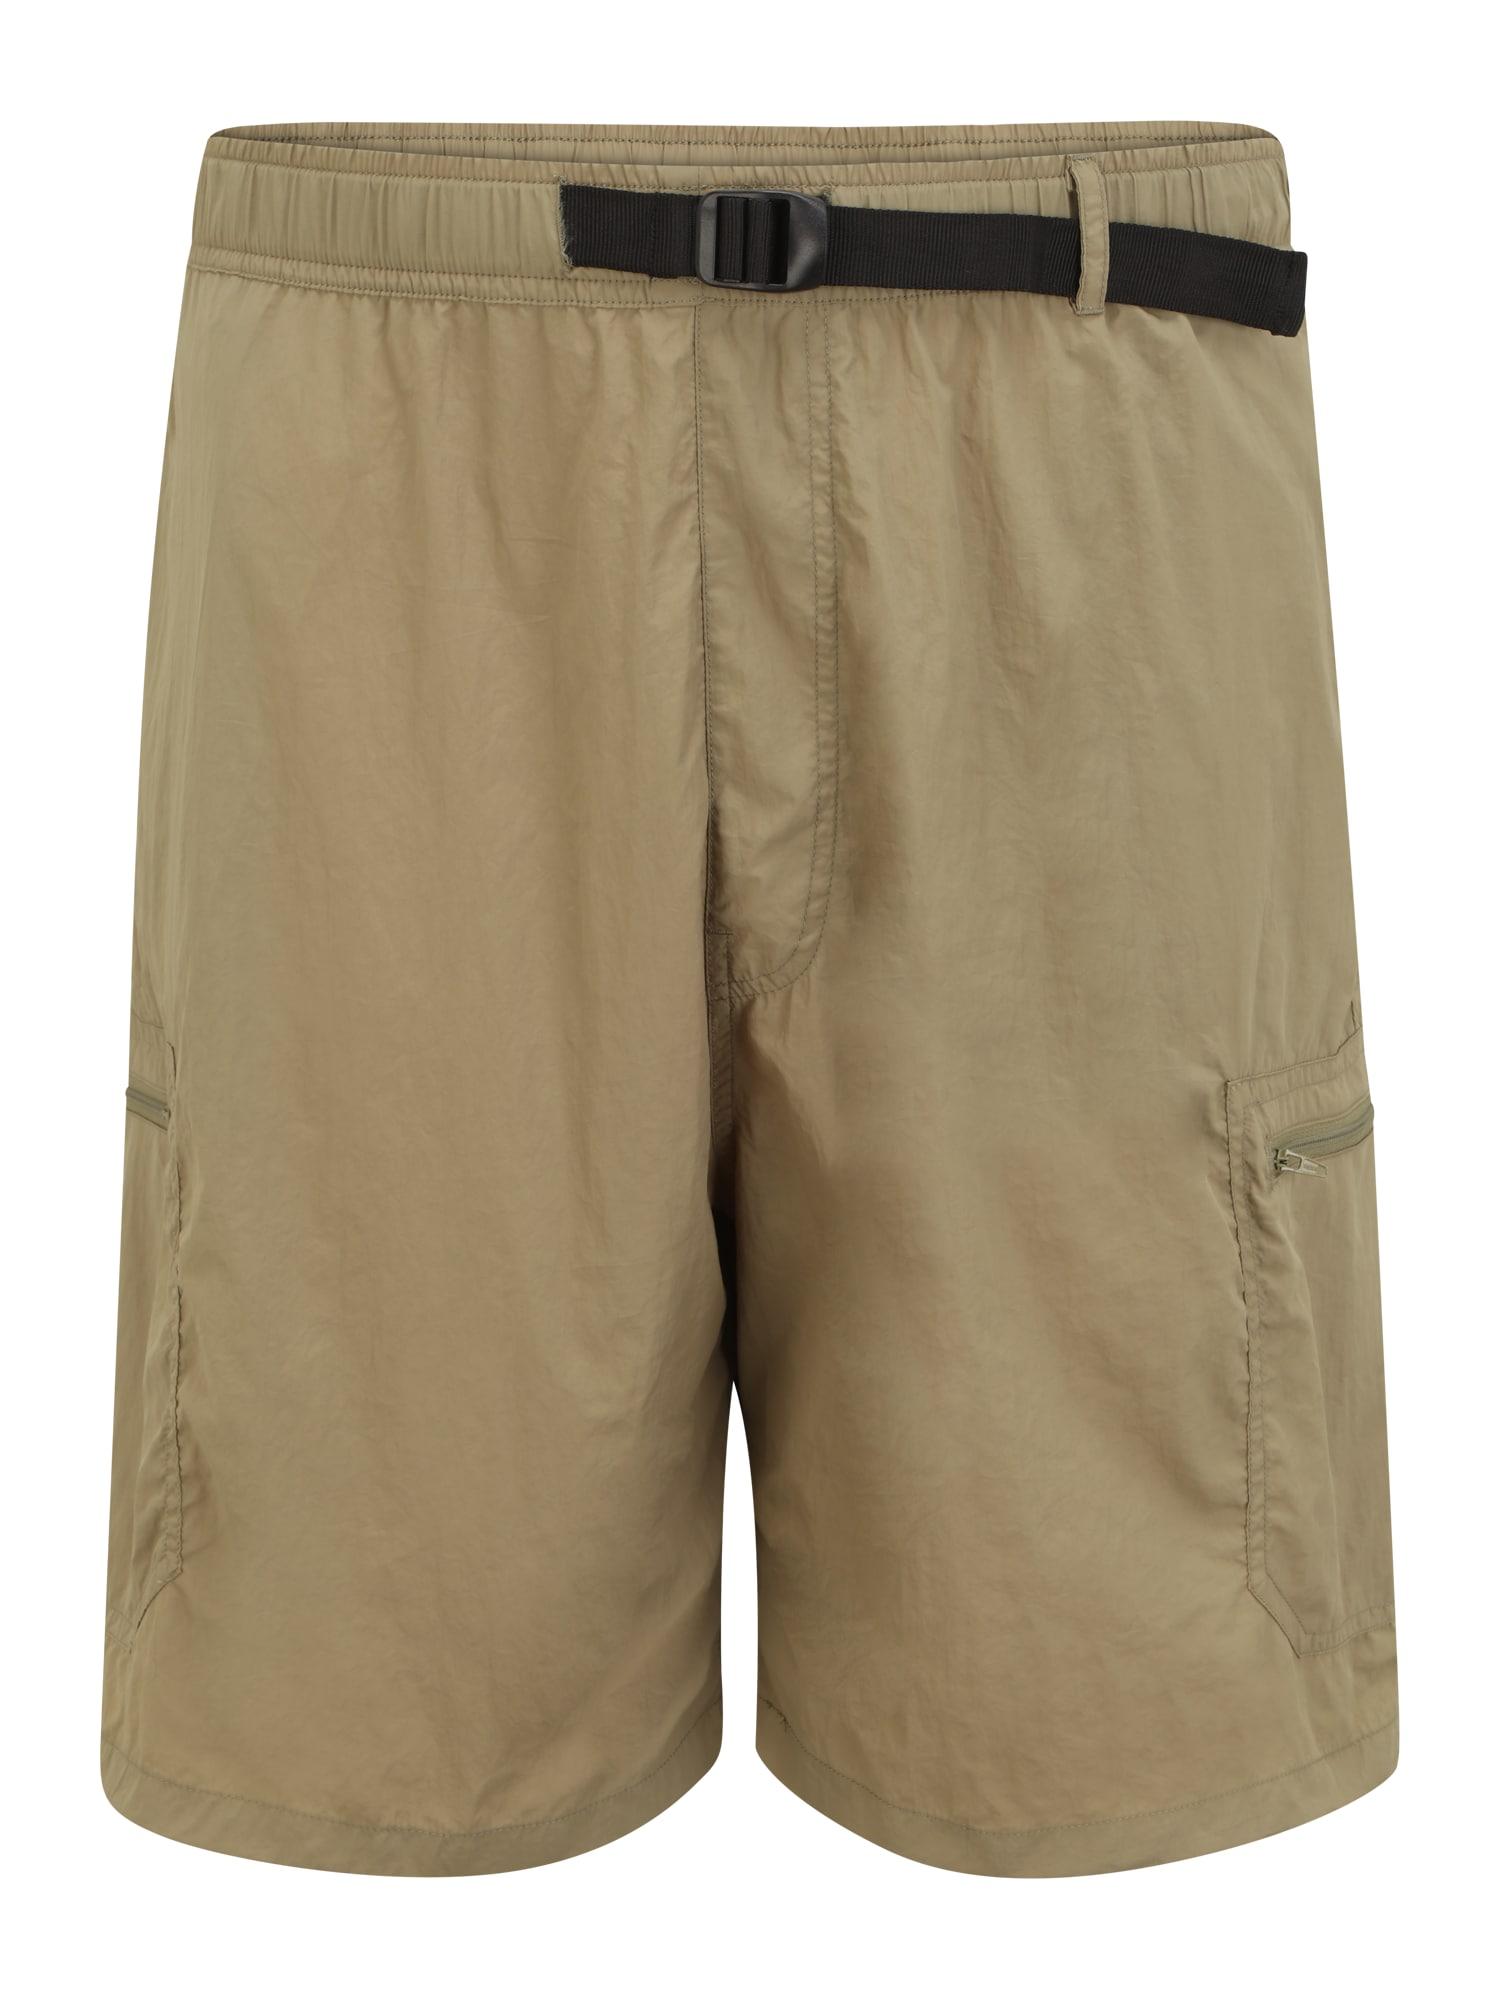 Urban Classics Plus Size Laisvo stiliaus kelnės rusvai žalia